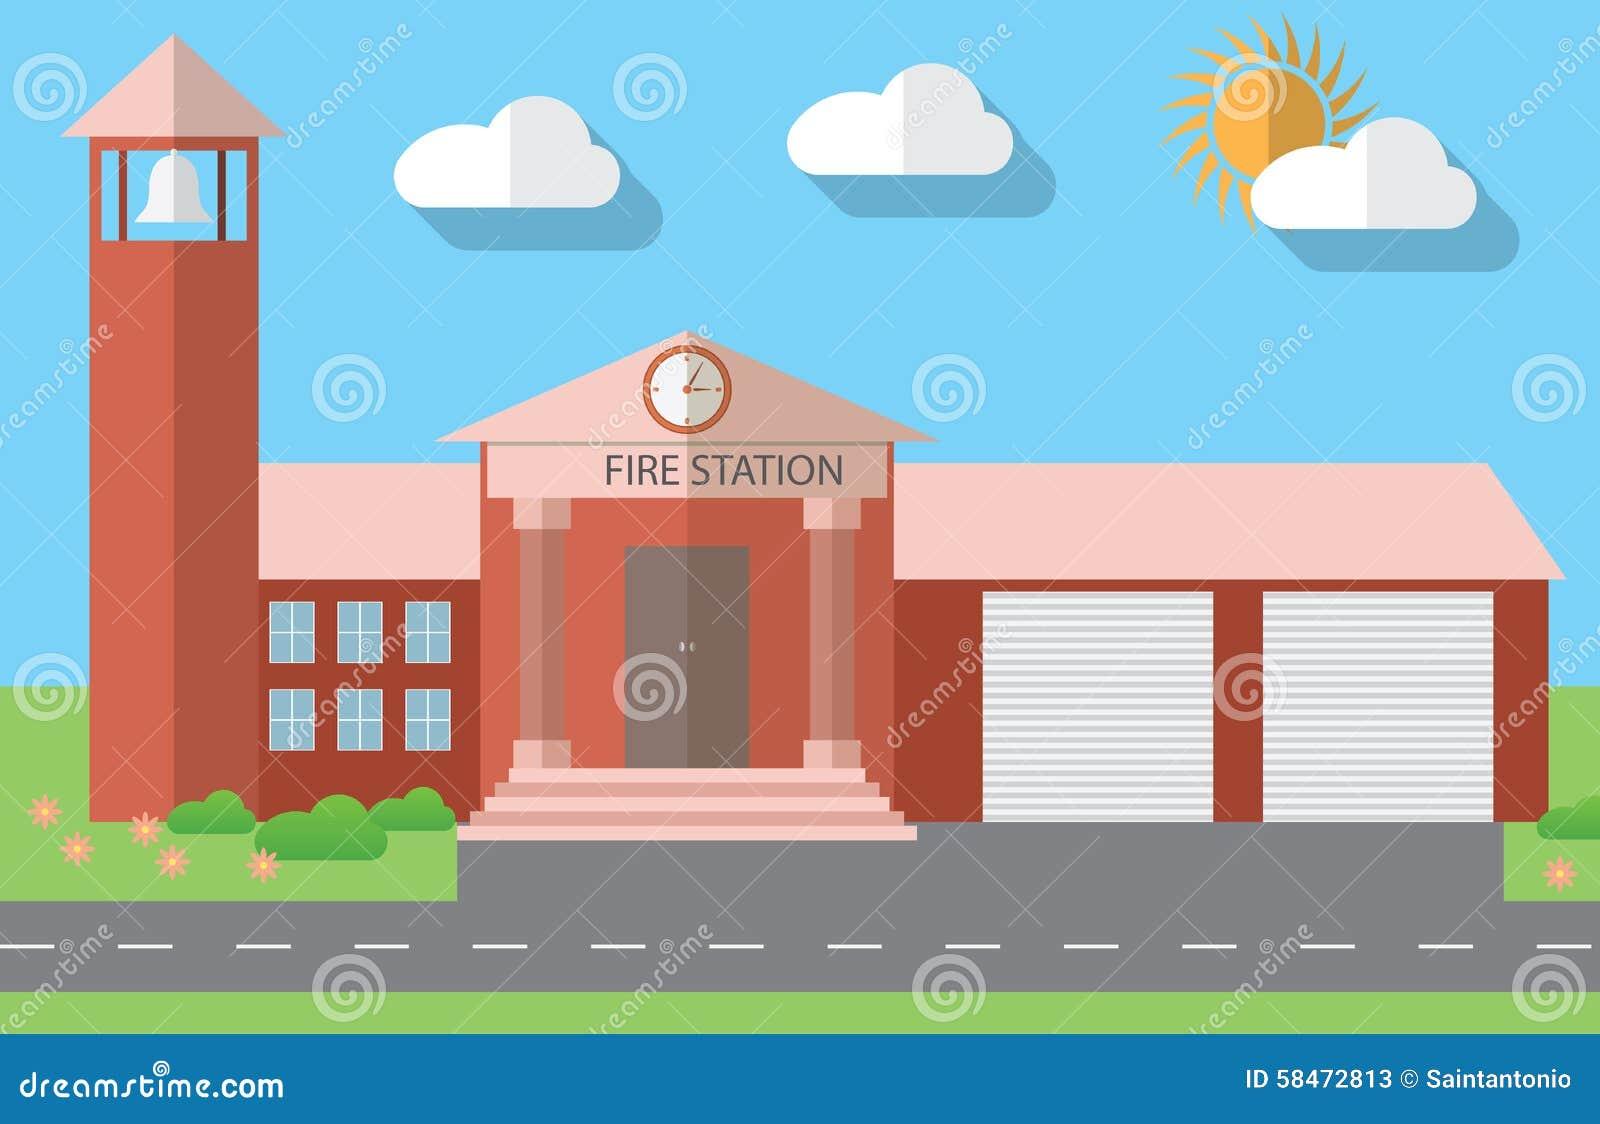 Flat Design Vector Illustration Of Fire Station Building